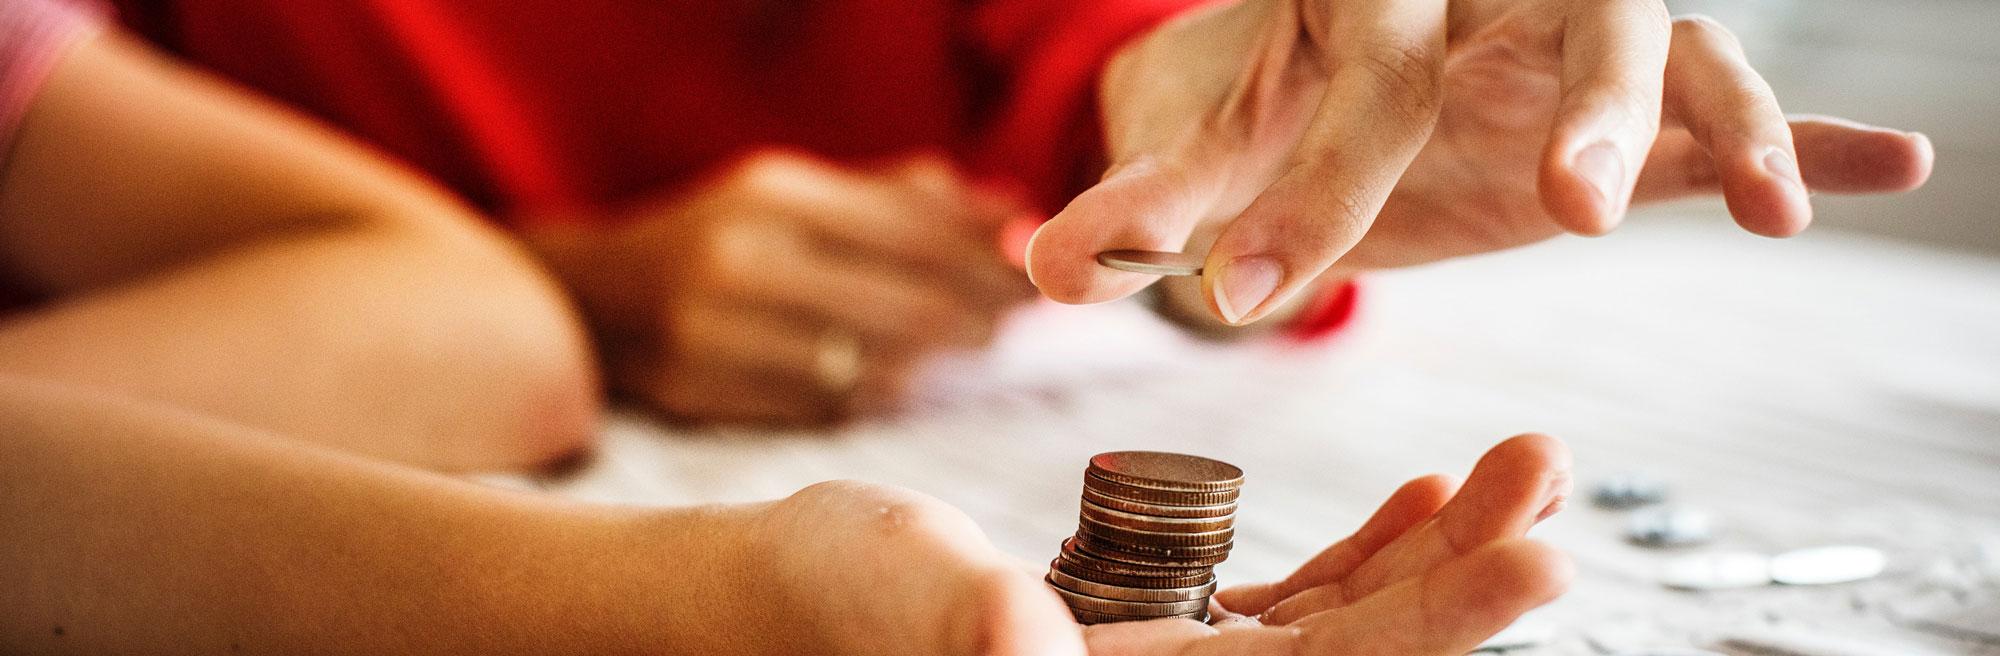 Bilan 2019 des aides financières pour des travaux, rénovation énergétique, ou l'installation d'une pompe à chaleur dans son logement